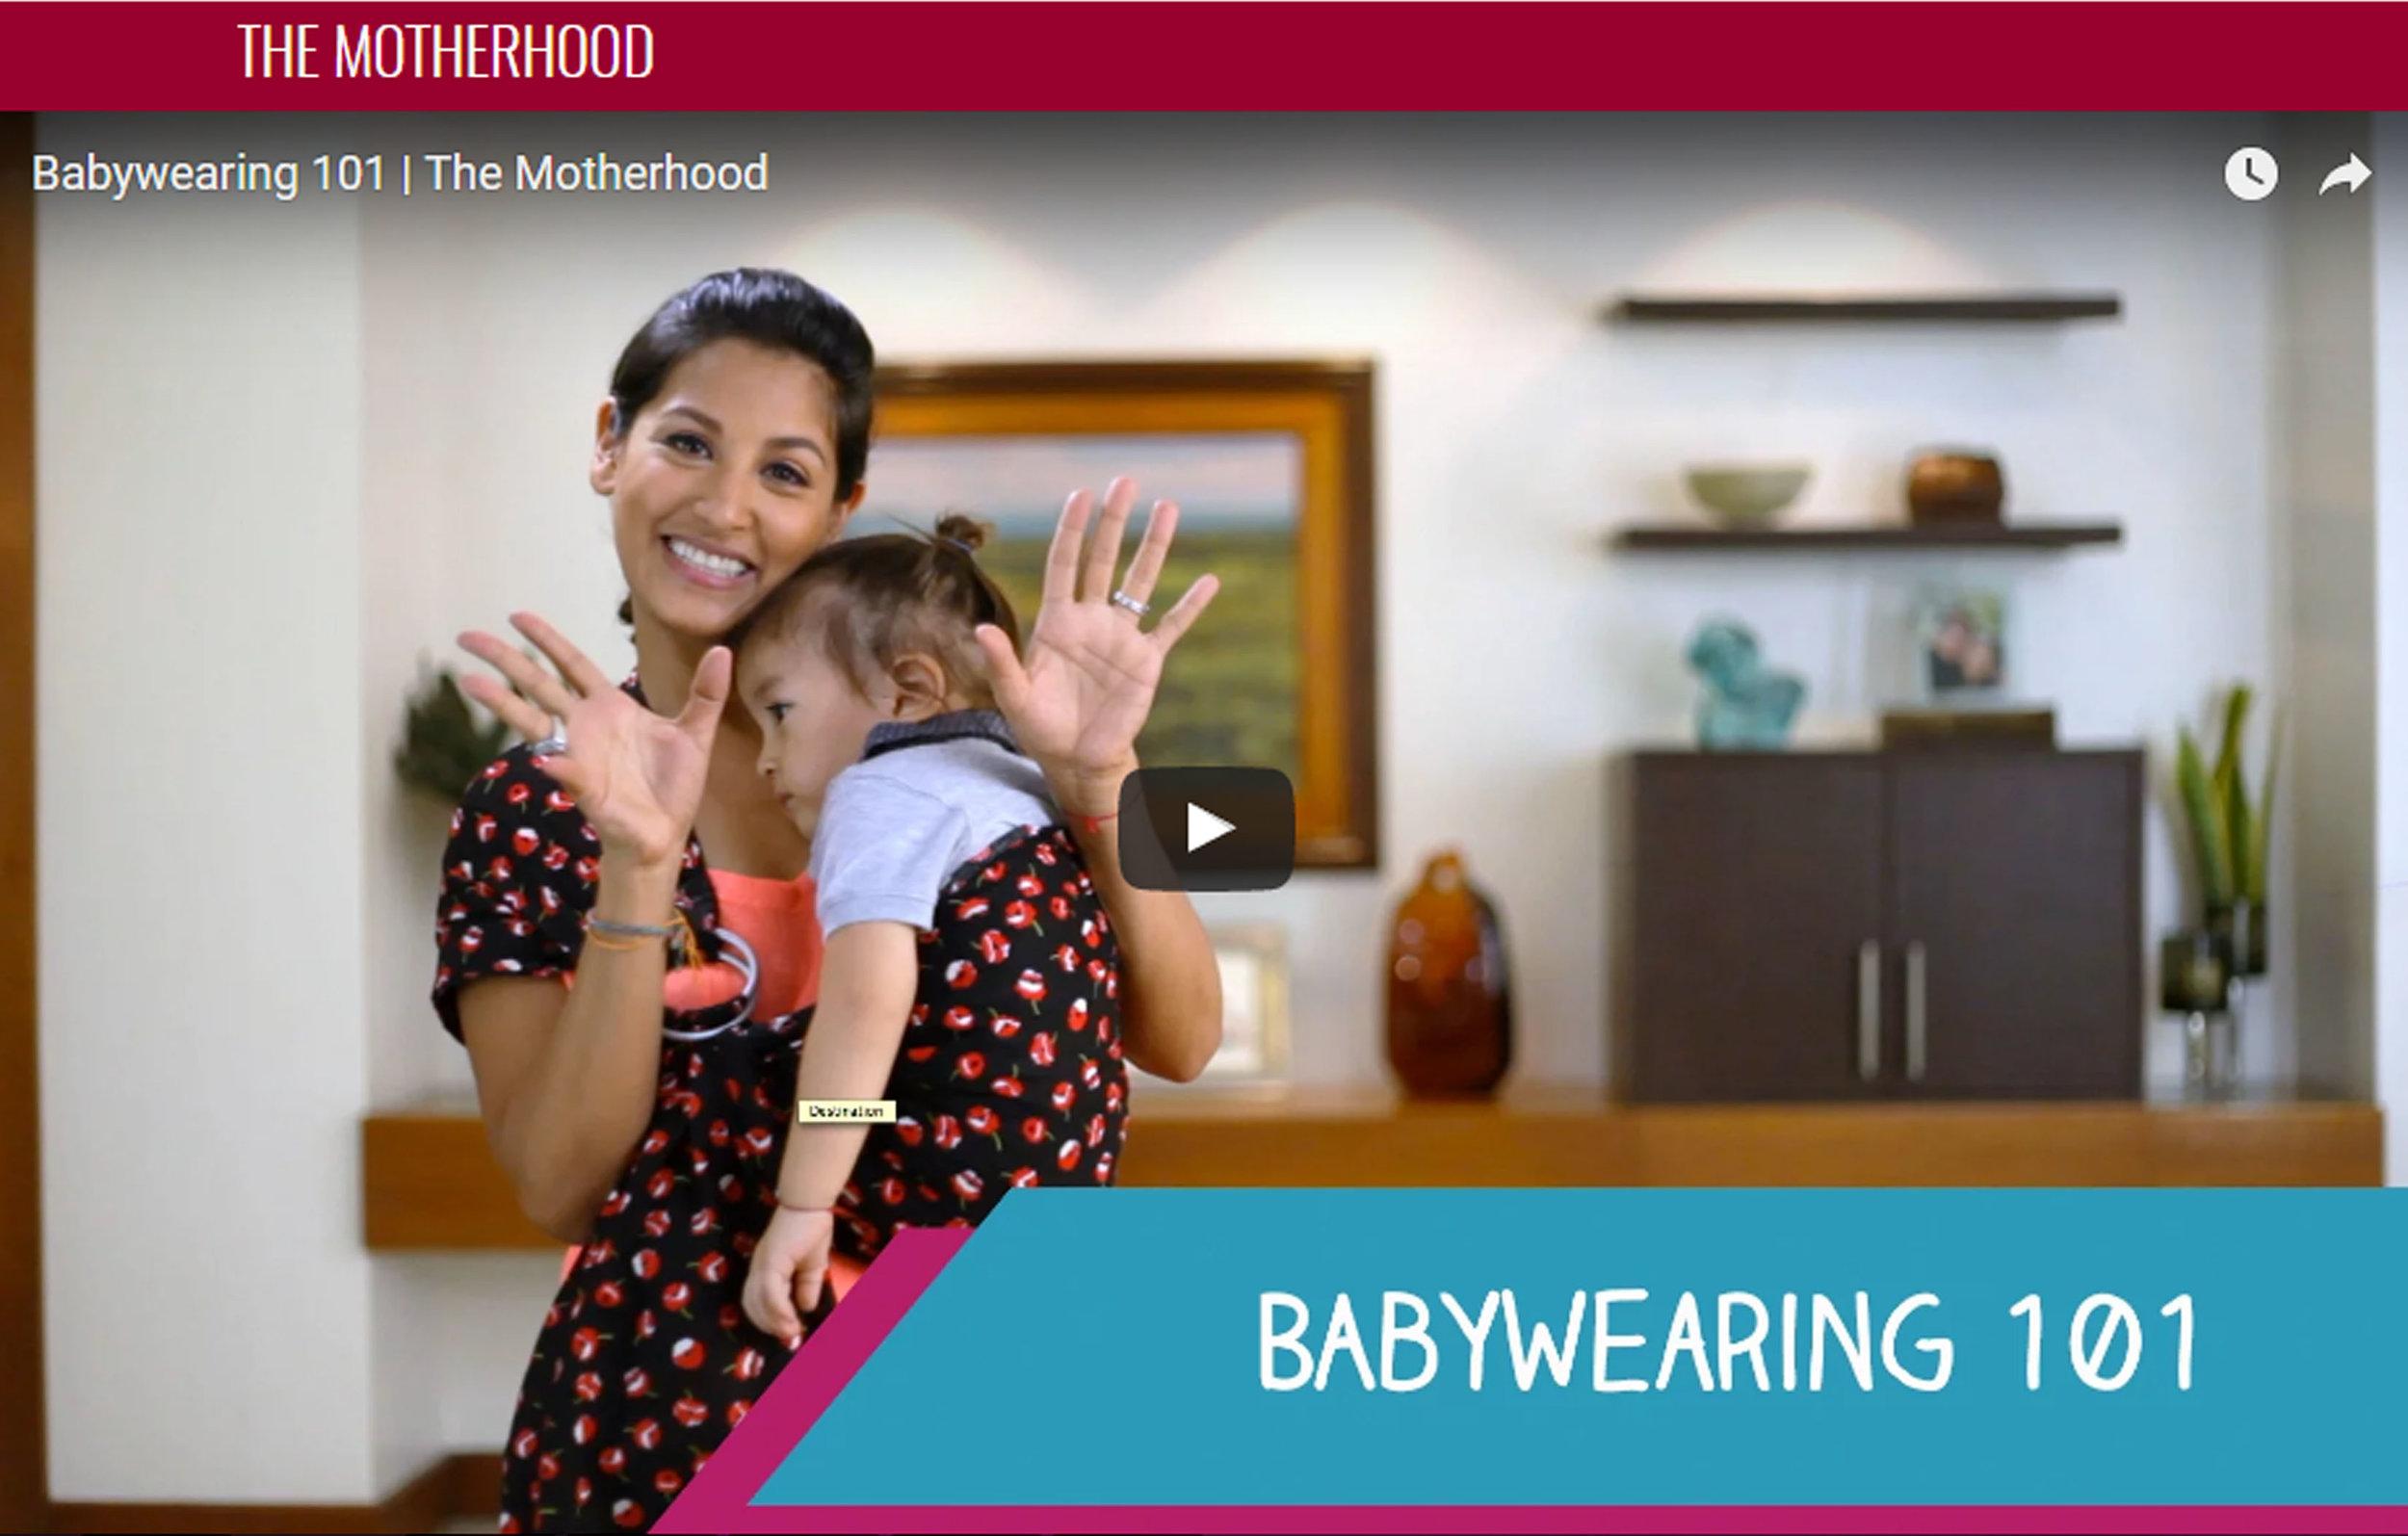 MotherhoodTVBabywearing101.jpg